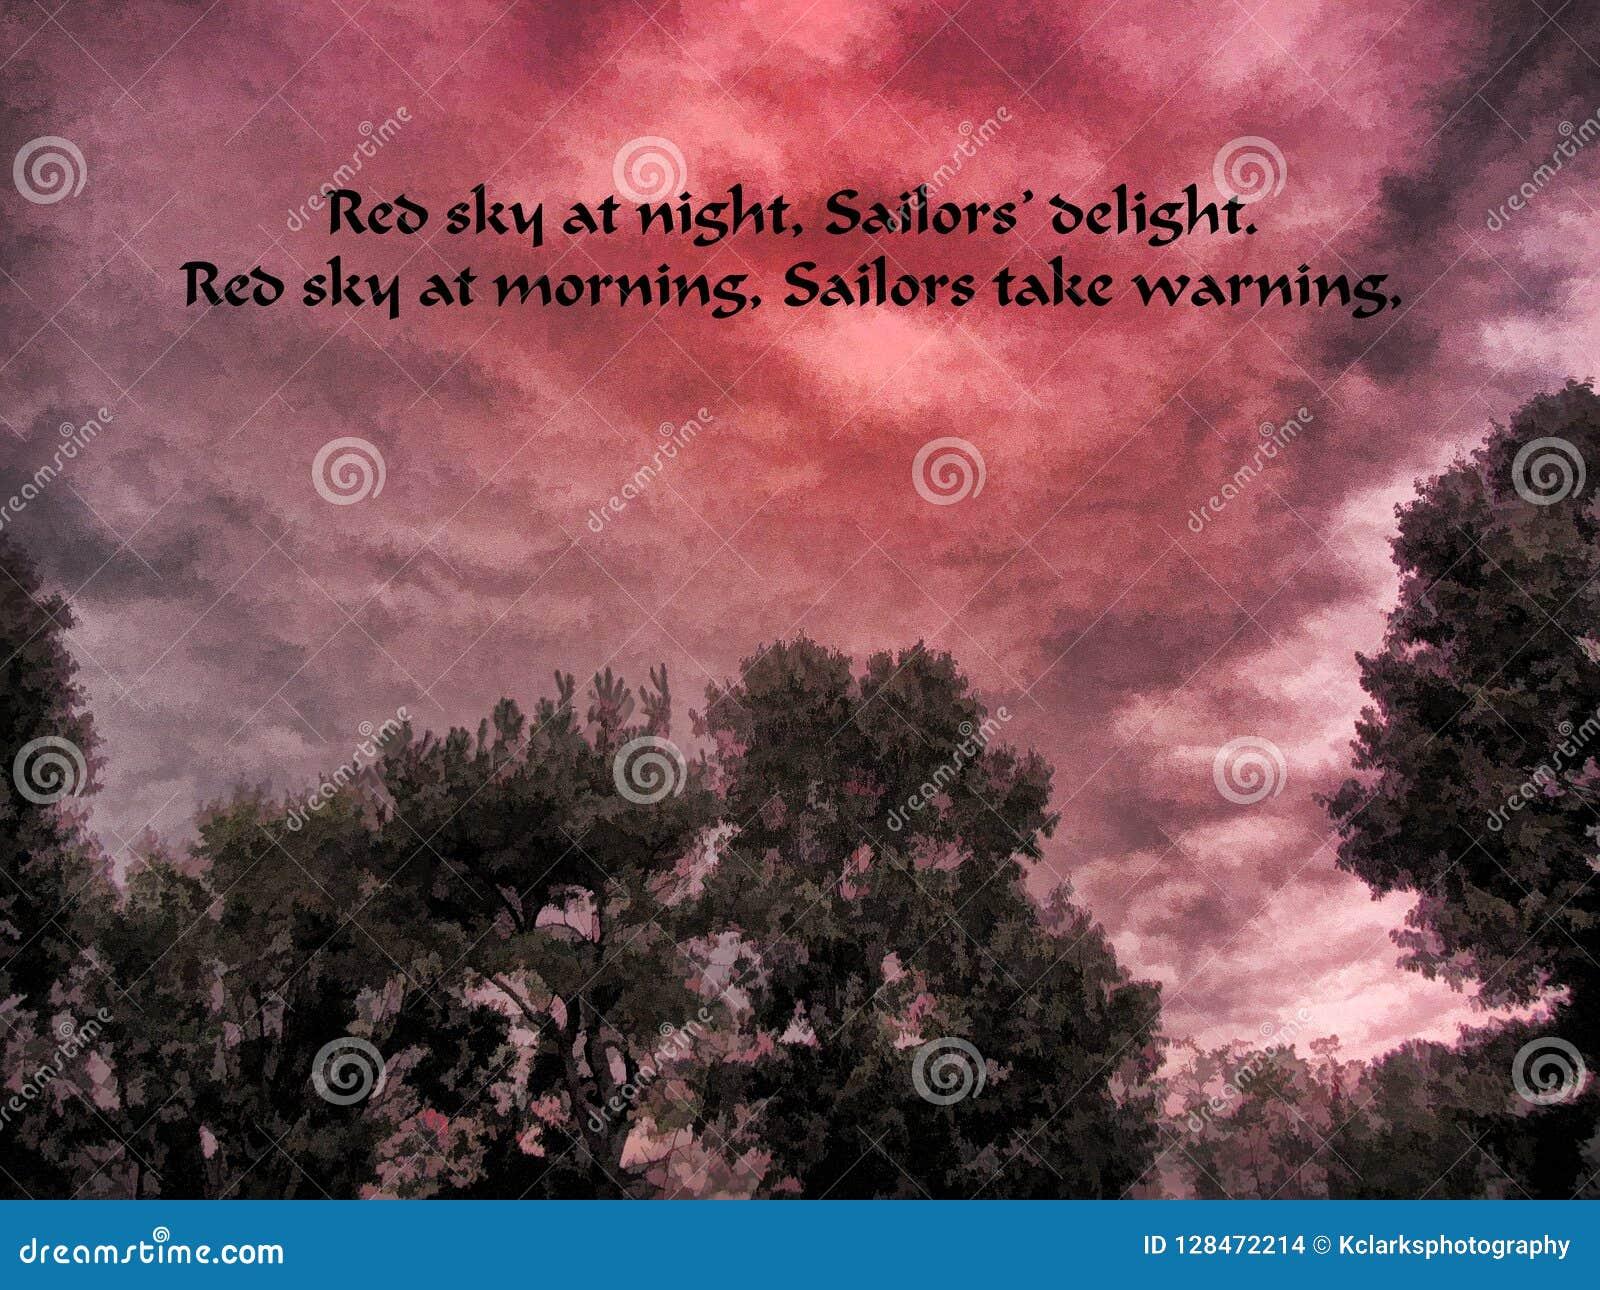 Cielo Rosso Di Notte.Cielo Rosso A Delizia Del Dei Marinai Di Notte Fotografia Stock